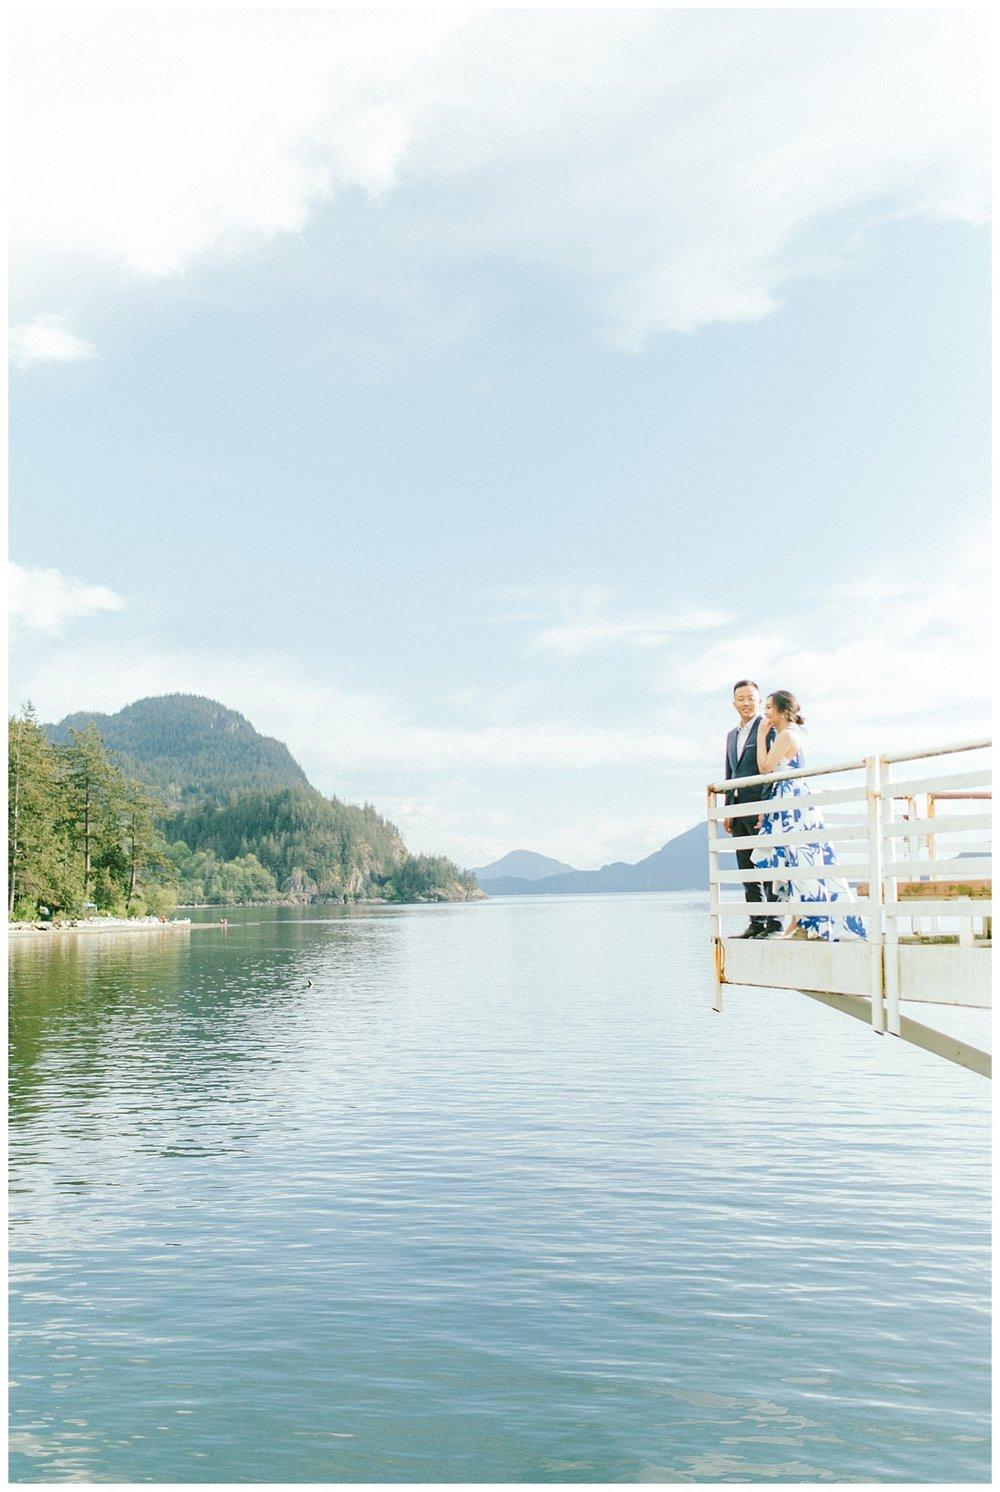 Mattie C. Hong Kong Vancouver Fine Art Wedding Prewedding Photographer50.jpg